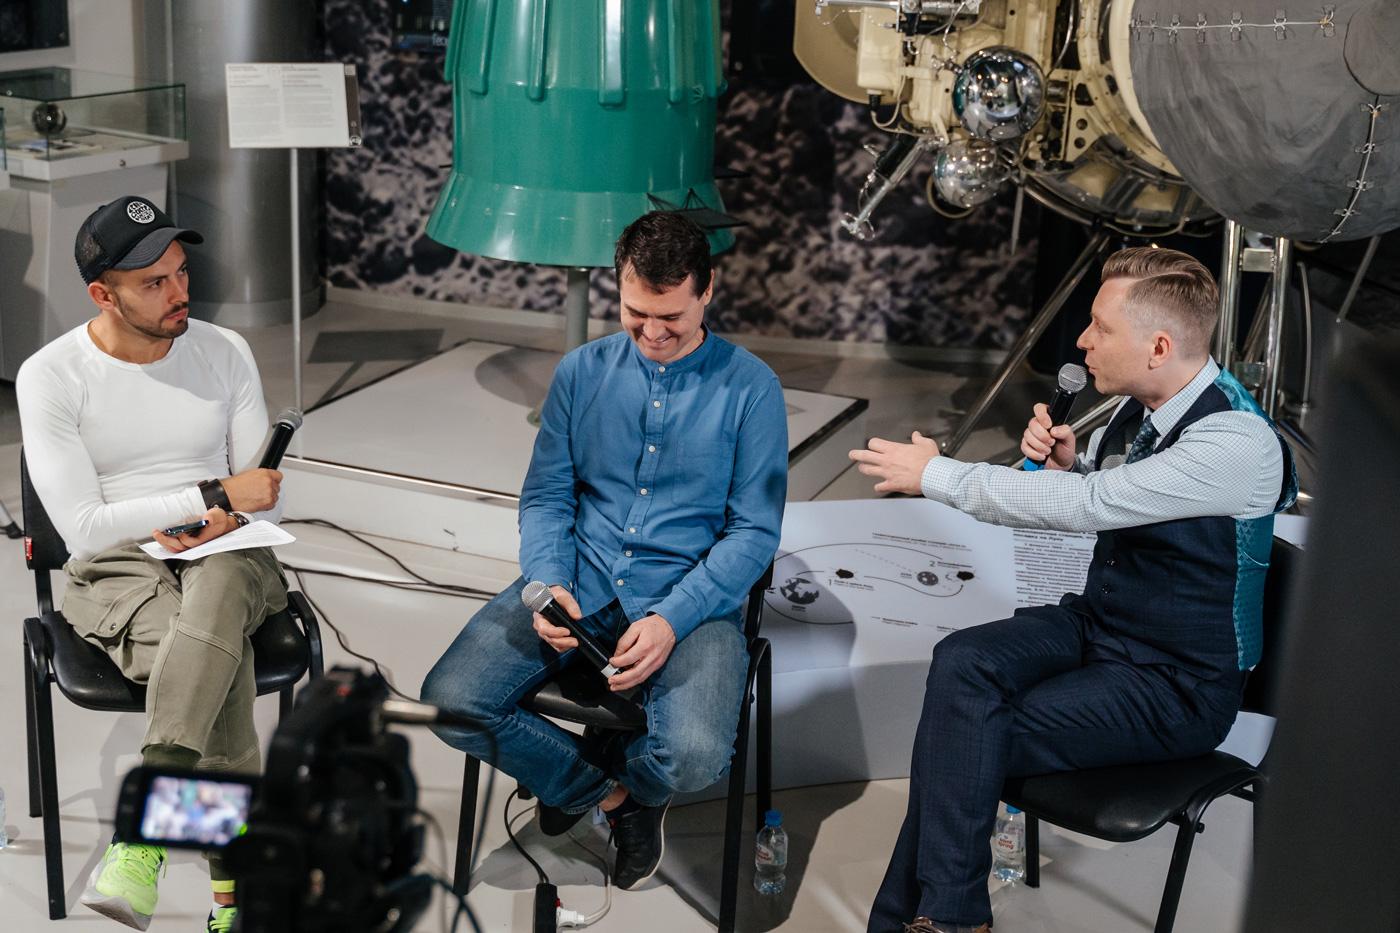 Николай Дубинин, Шамиль Идиатуллин иДмитрий Захаров вМузее космонавтики. Фотограф: Руслан Альтимиров